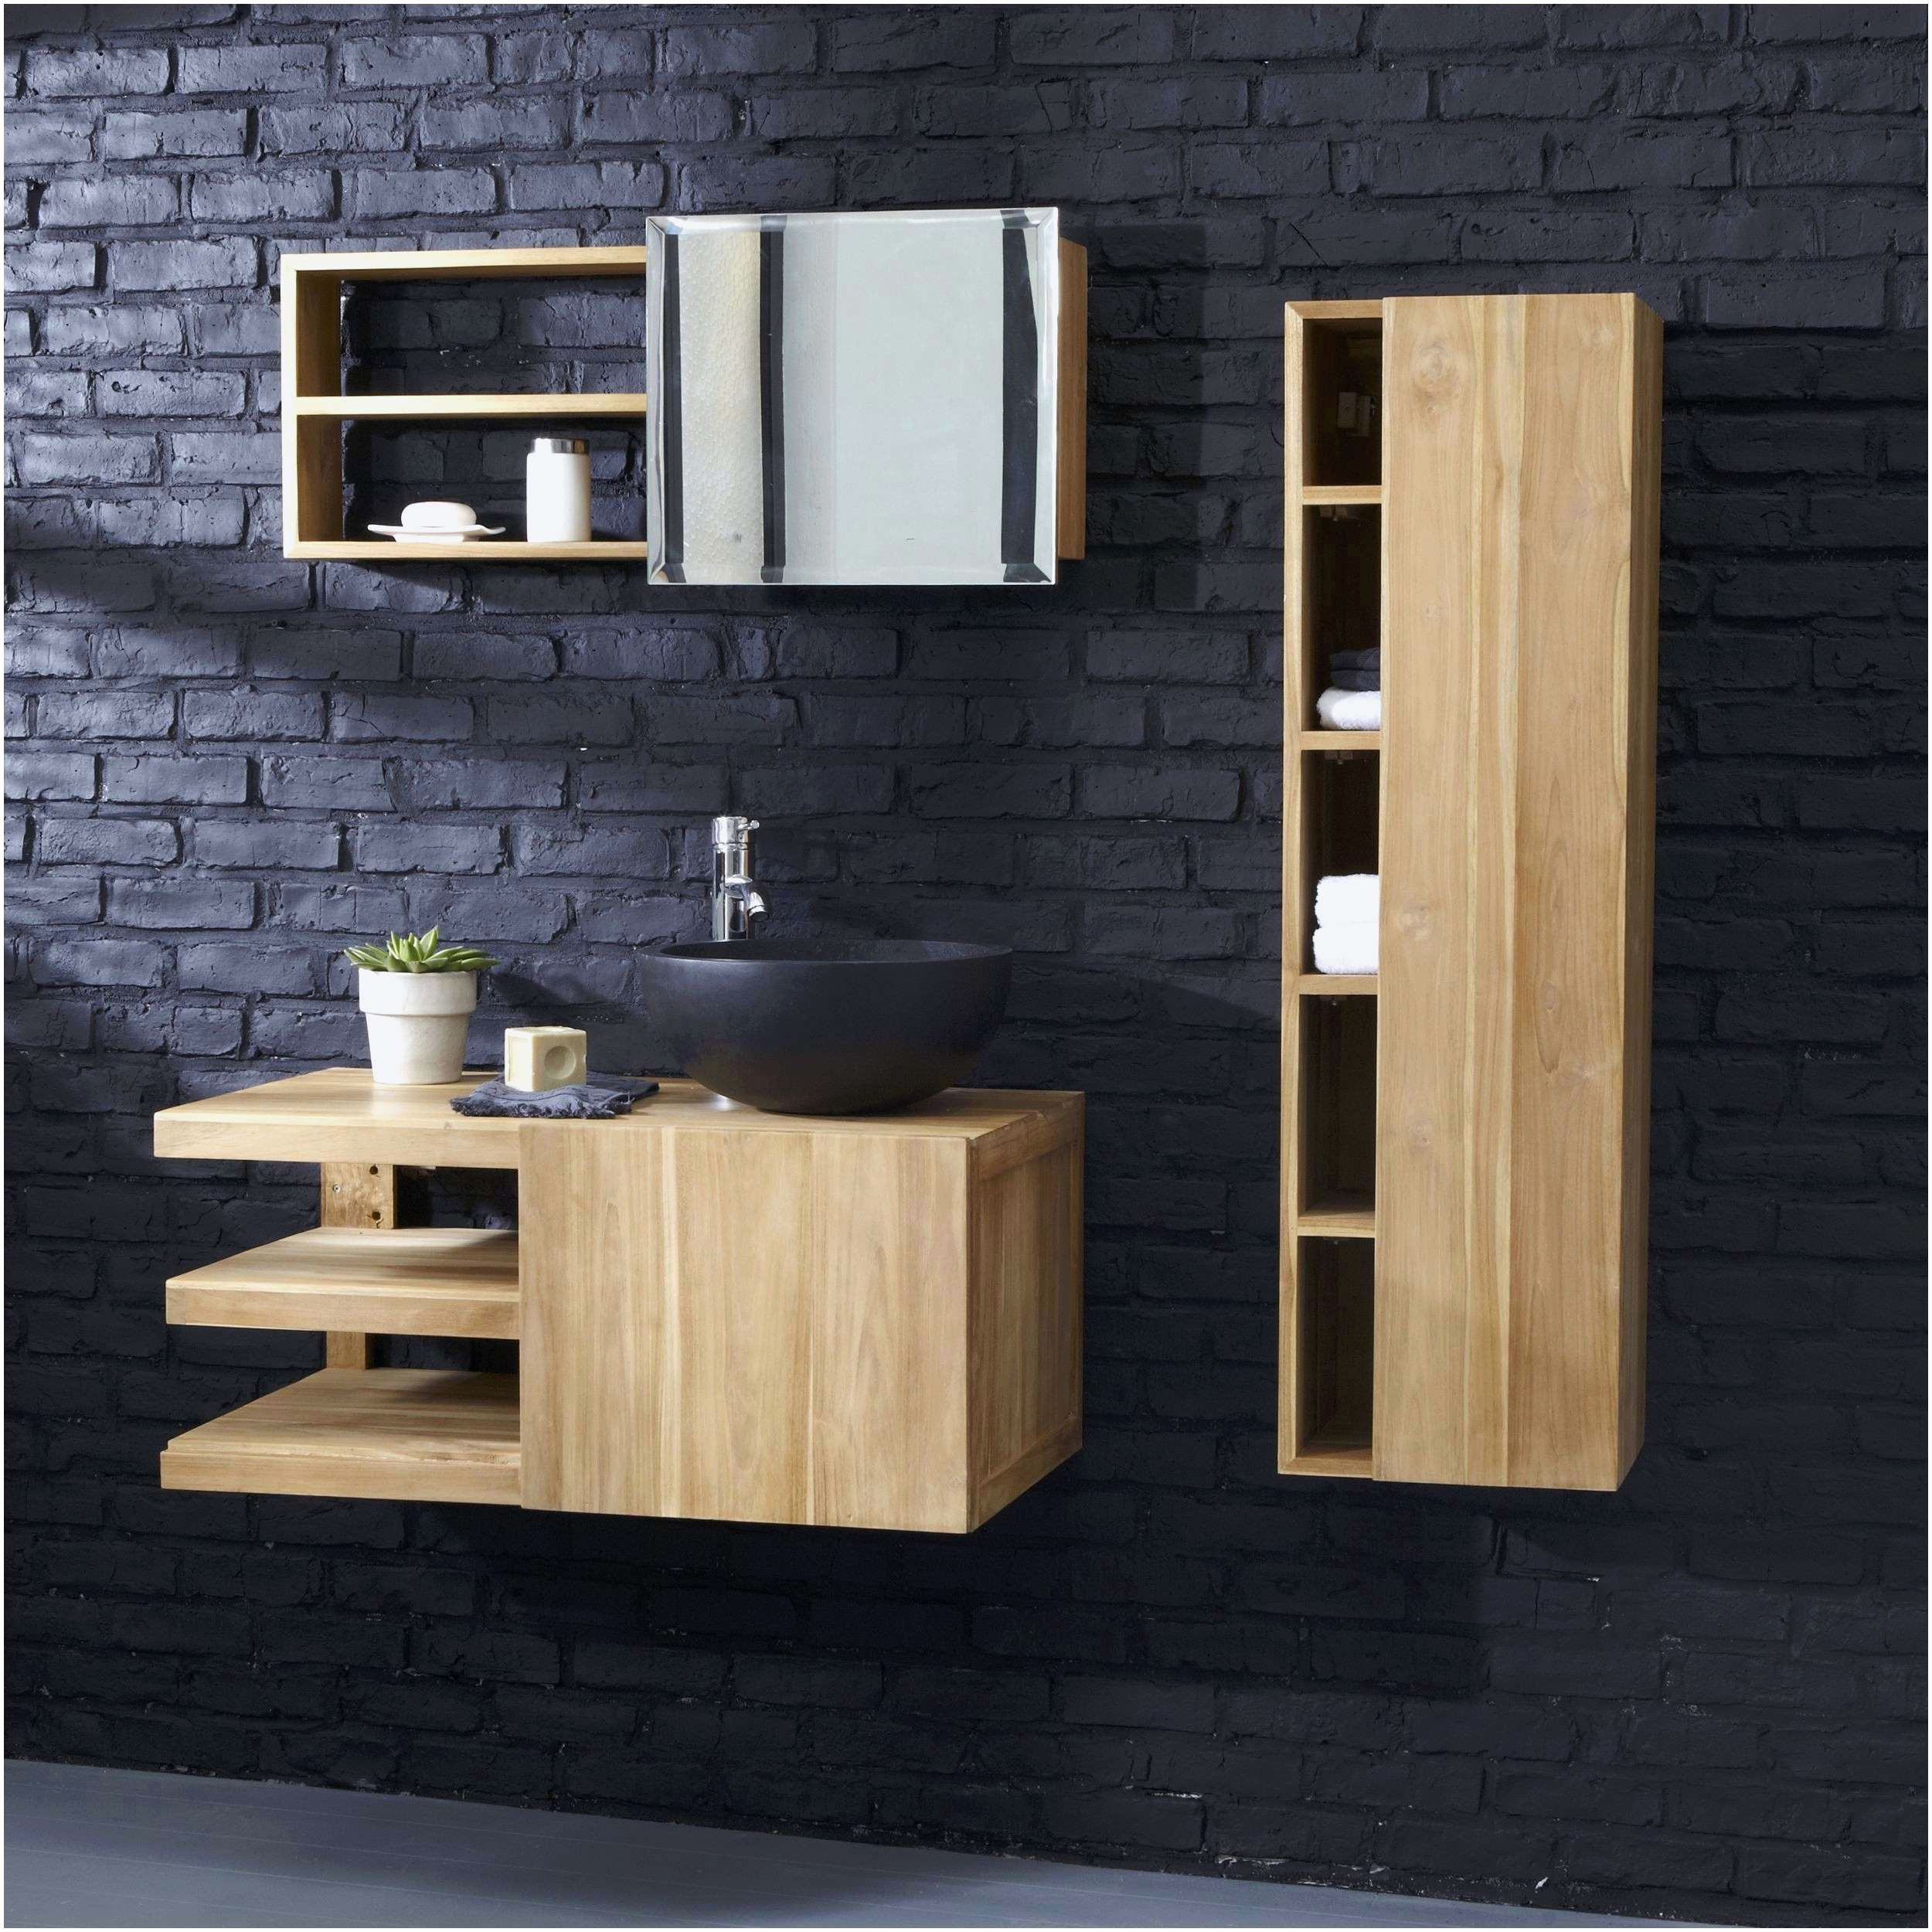 le bon coin 21 meubles luxe meuble en coin meuble de coin meuble de coin cuisine location meuble of le bon coin 21 meubles